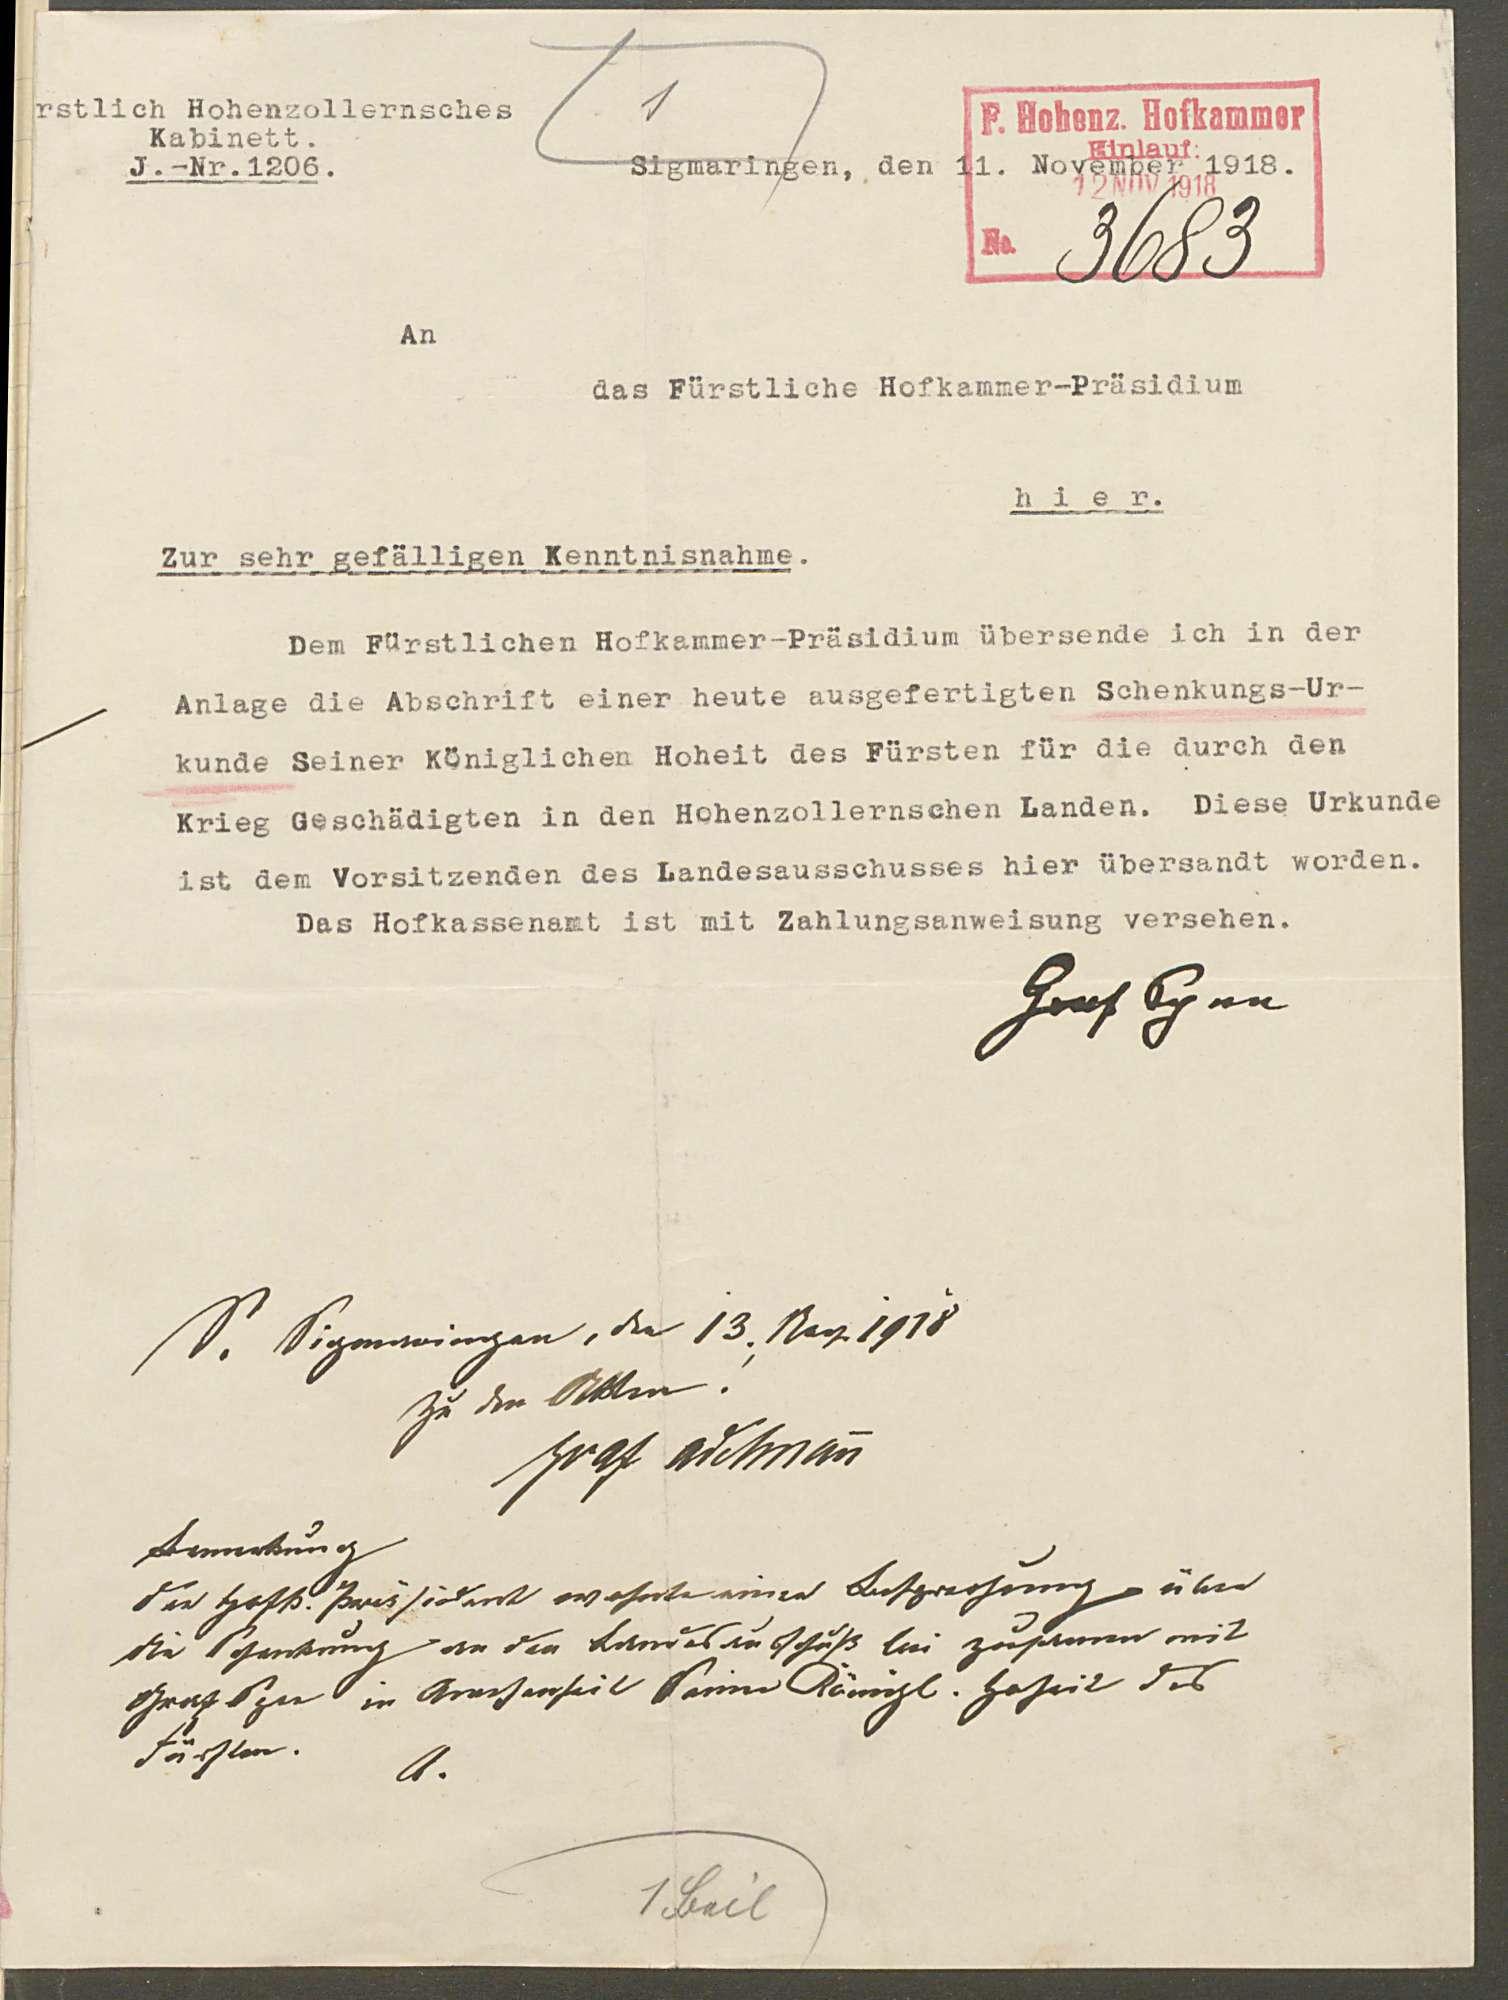 Stiftung des Fürsten Wilhelm von Hohenzollern von 2000000 Mark für die durch den Krieg Geschädigten in Hohenzollern, Bild 3